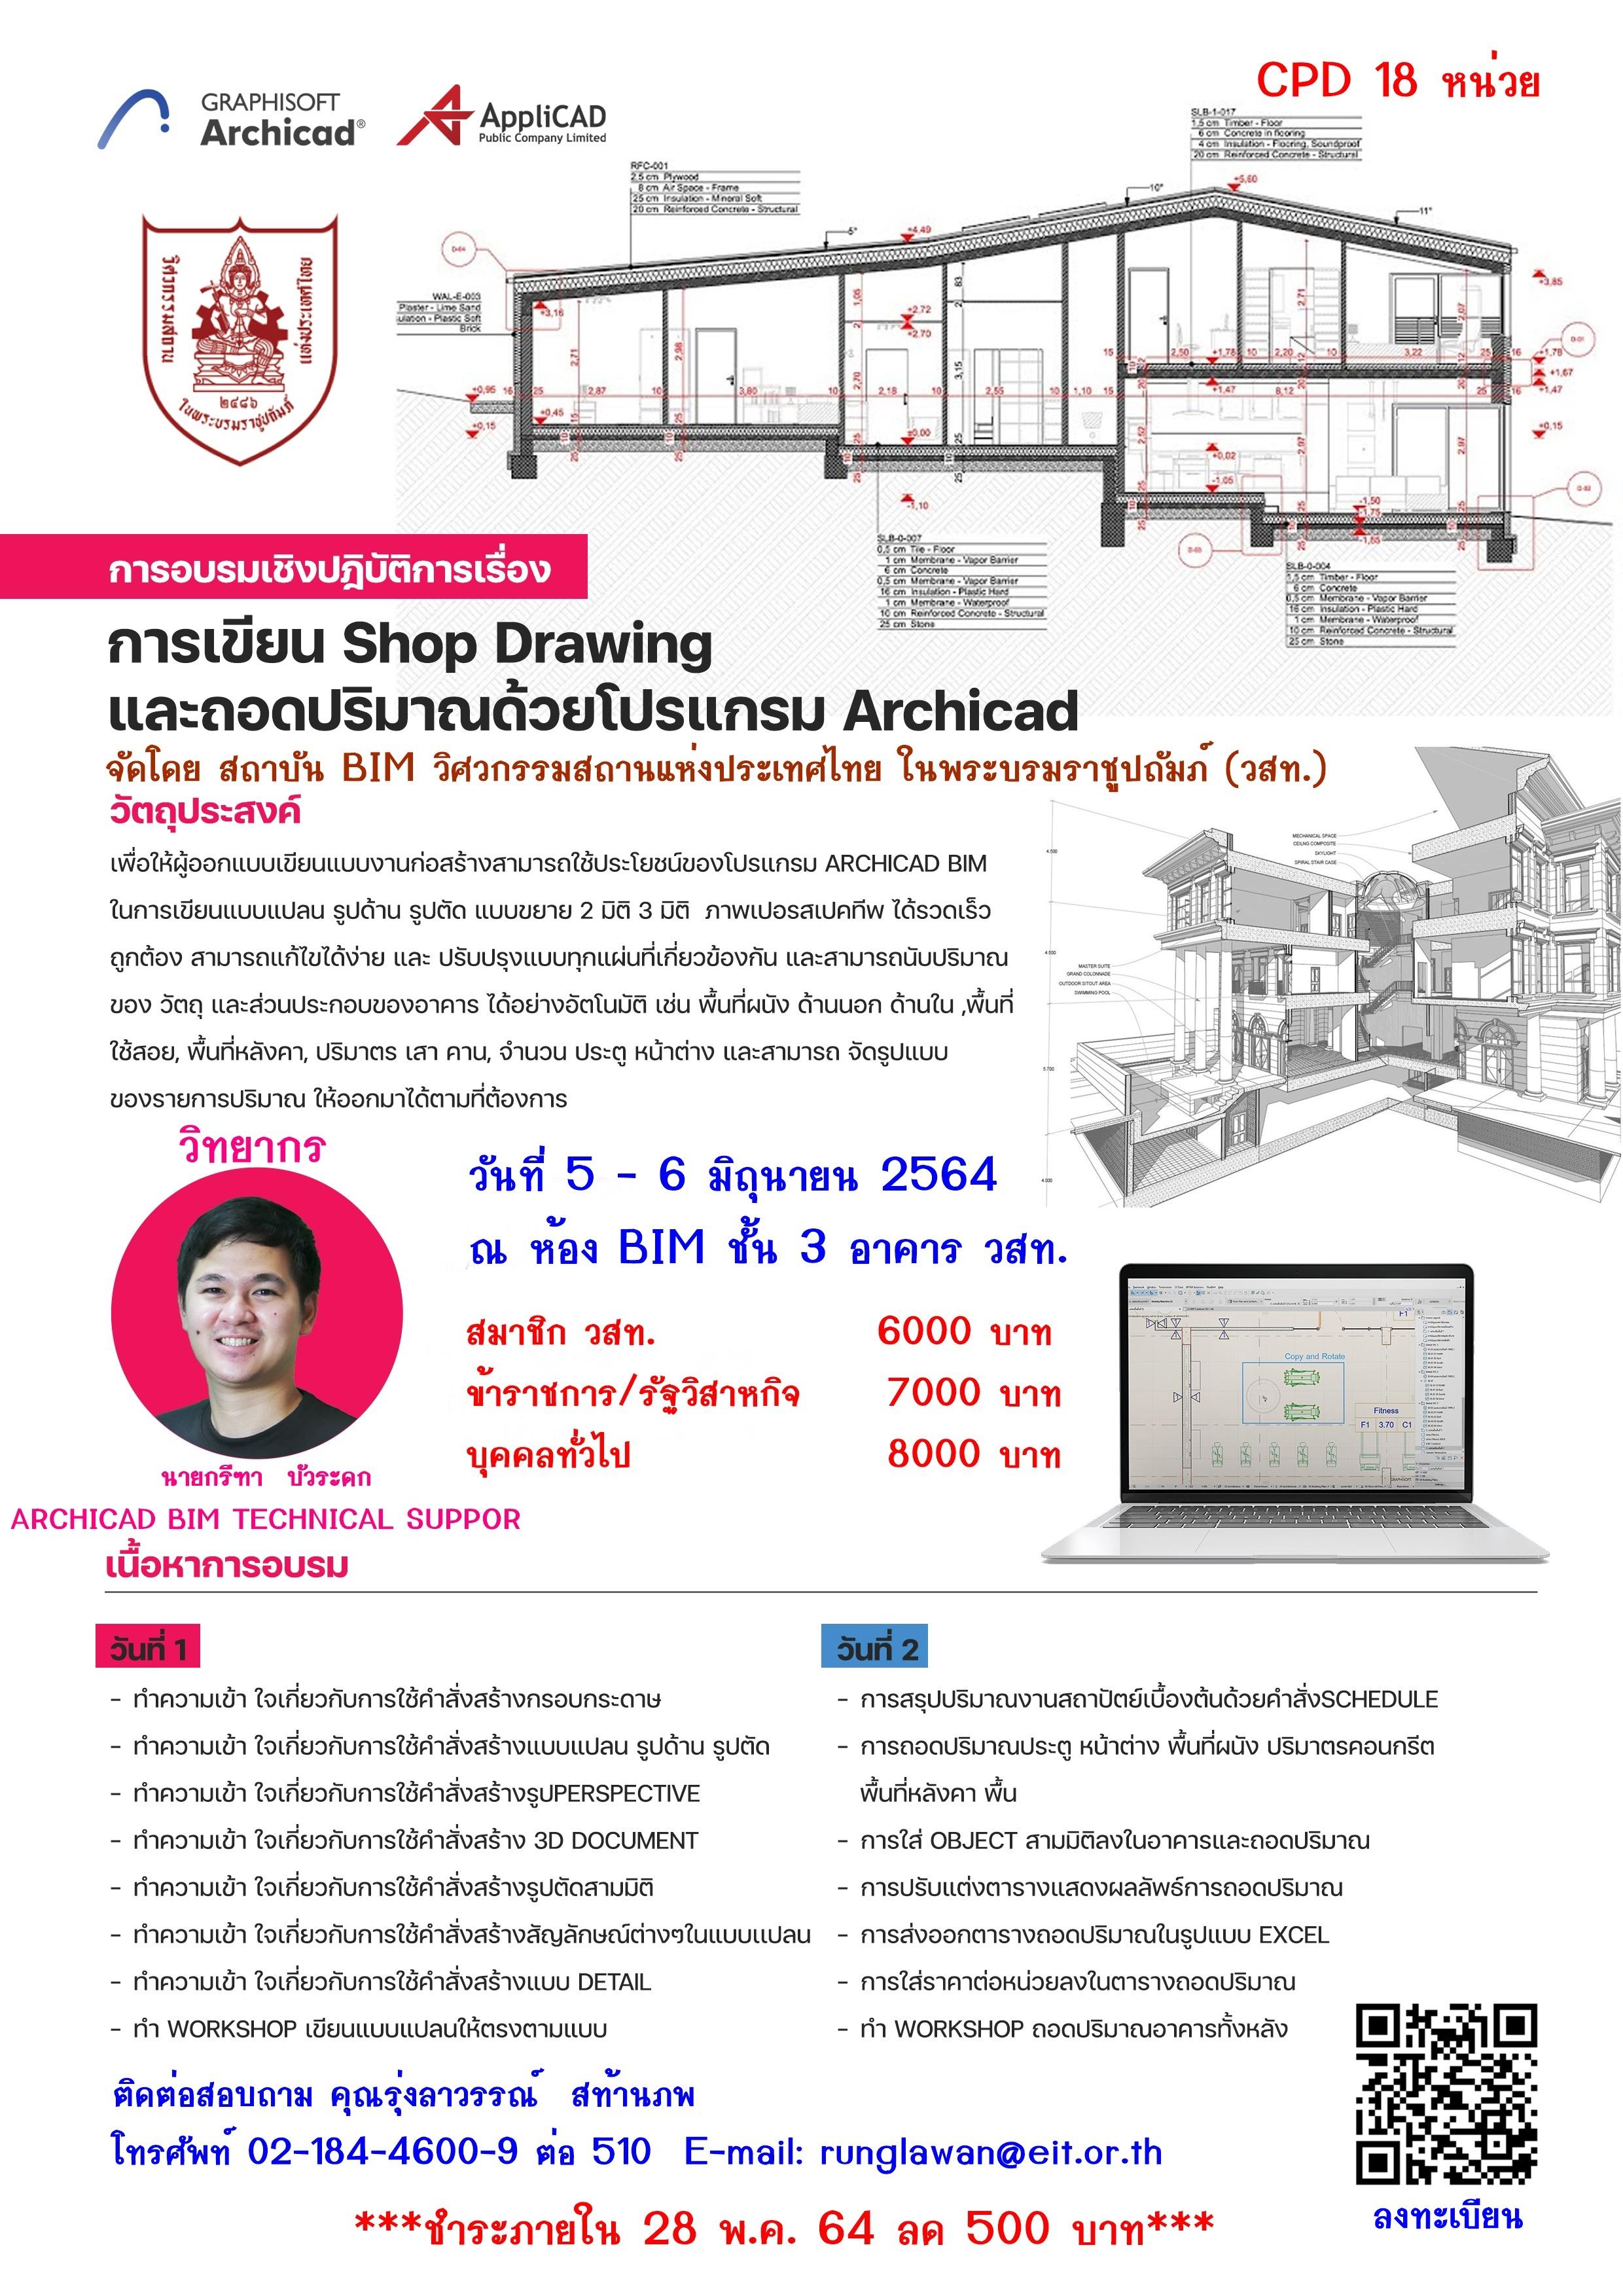 **เลื่อนไม่มีกำหนด 5-6/06/2564การอบรมเชิงปฏิบัติการเรื่อง  การเขียน shop drawing และ ถอดปริมาณด้วยโปรแกรม Archicad รุ่นที่ 1